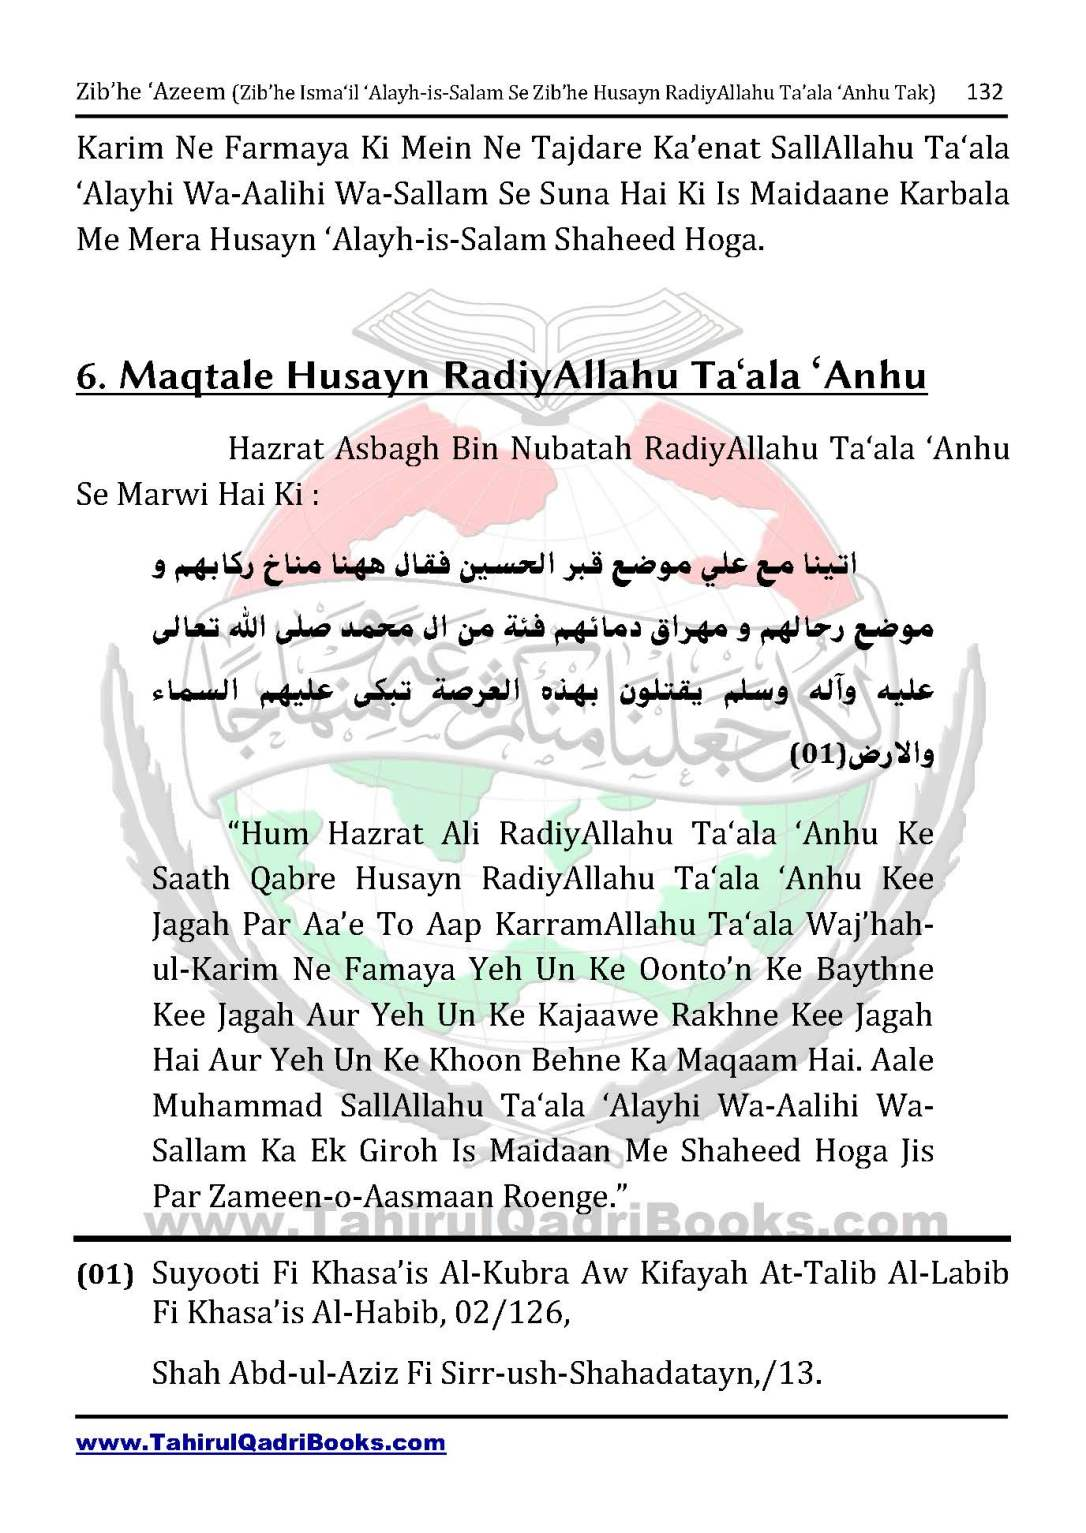 zib_he-e28098azeem-zib_he-ismacabbil-se-zib_he-husayn-tak-in-roman-urdu-unlocked_Page_132